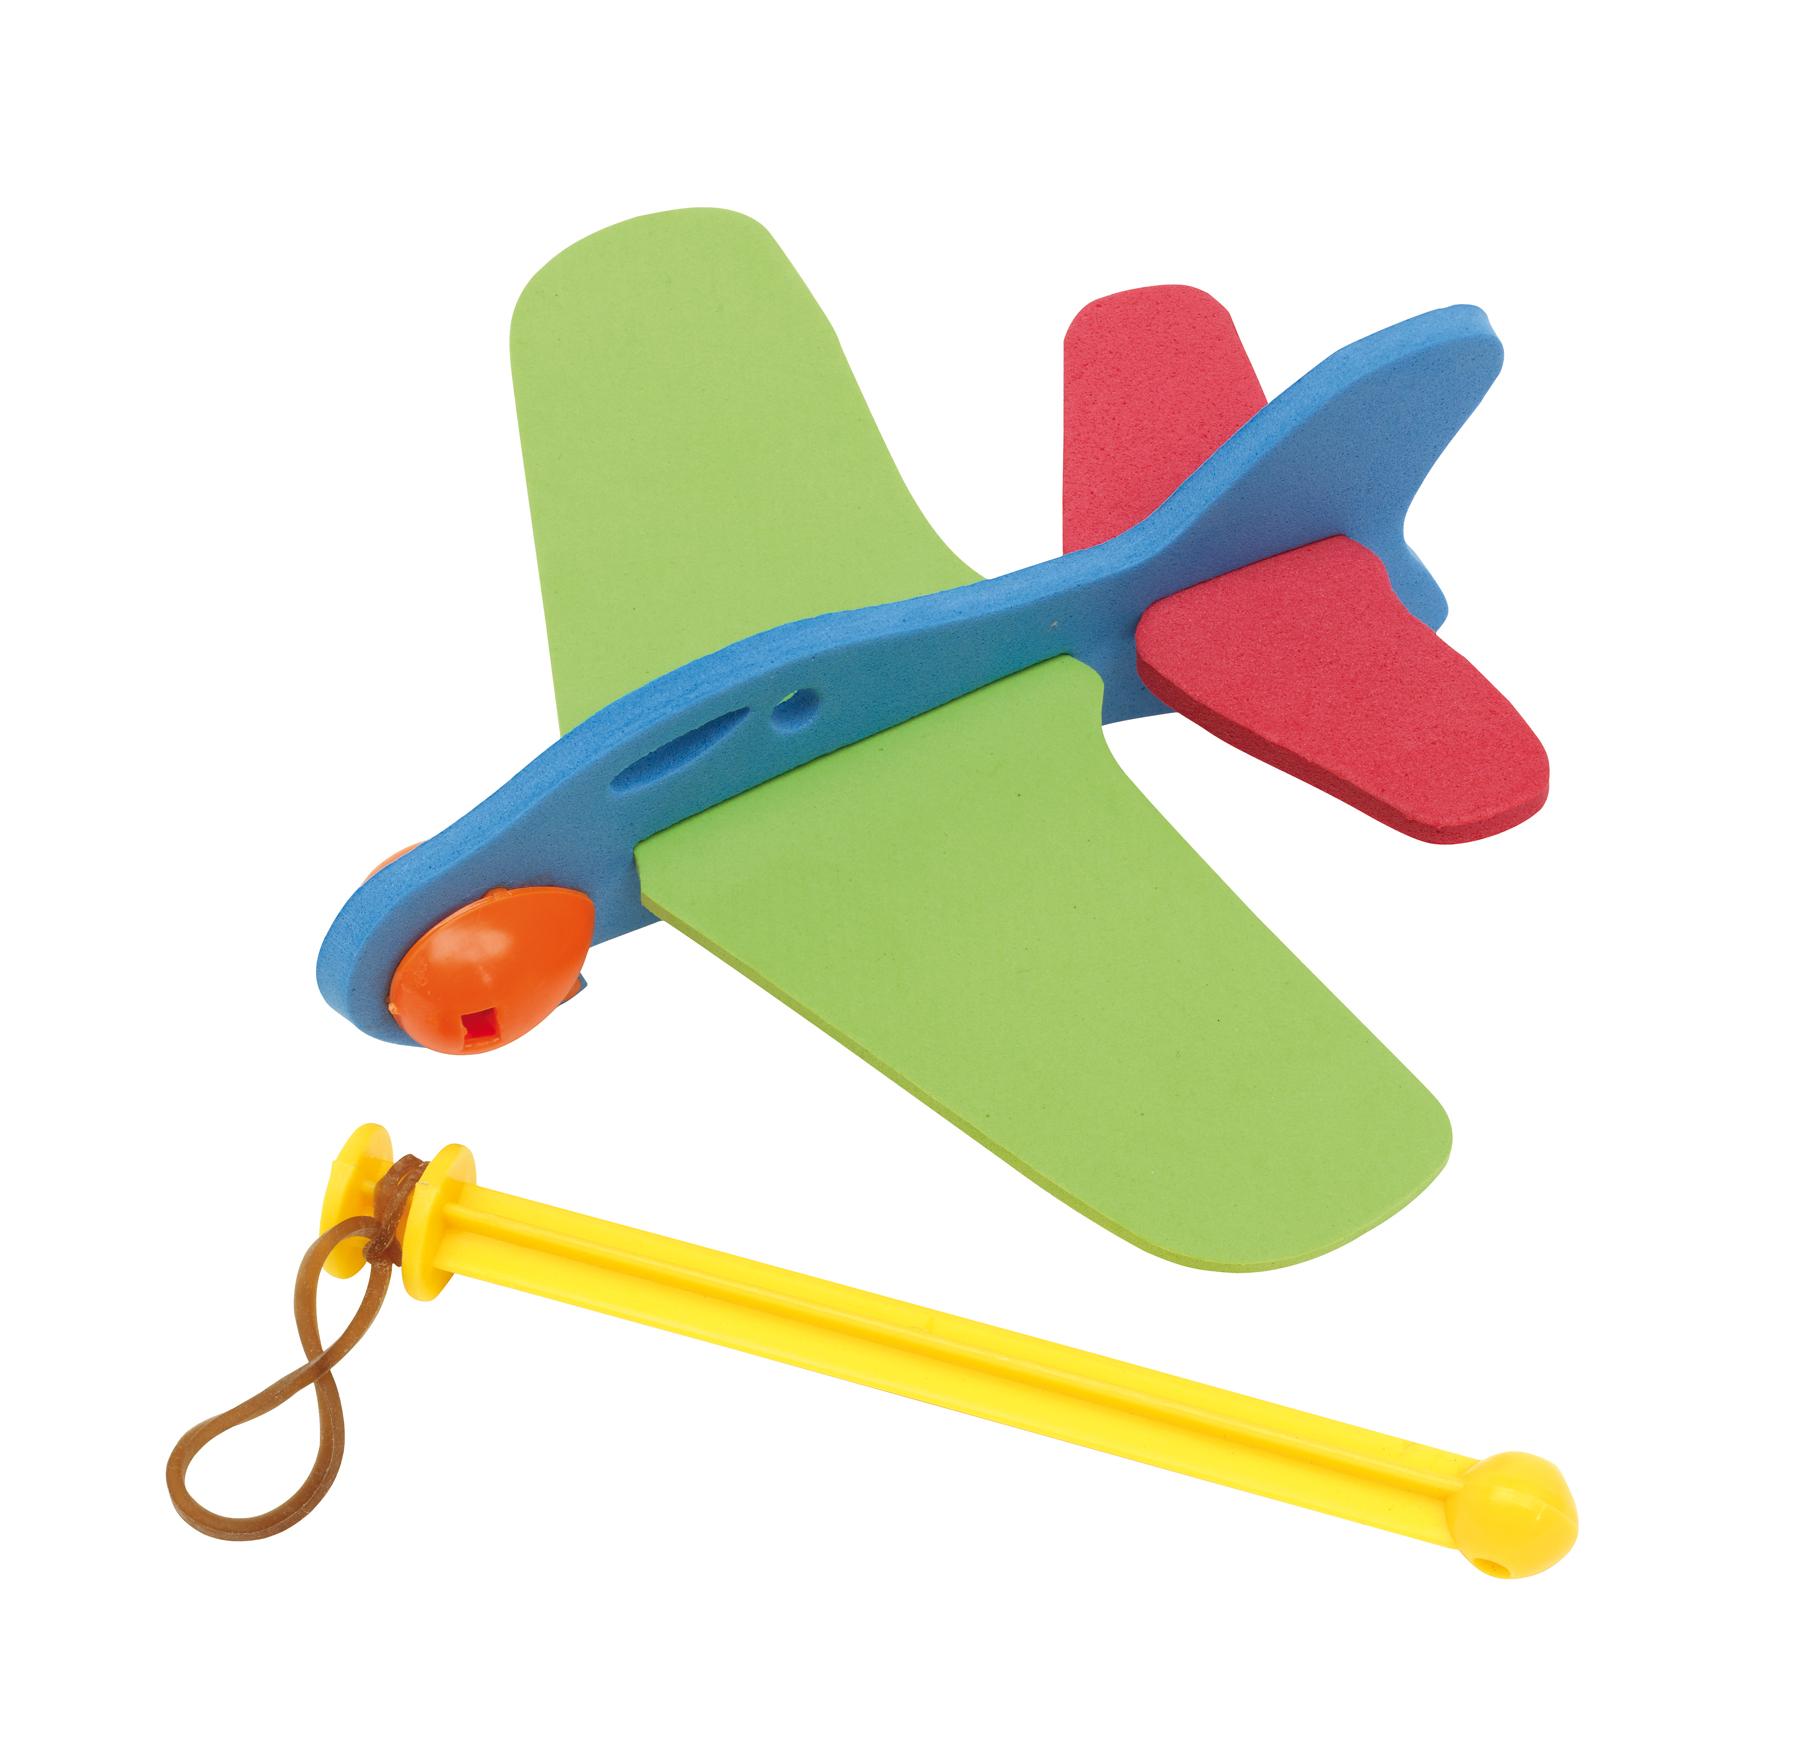 Samolot SKY HOPPER, czerwony, niebieski, zielony